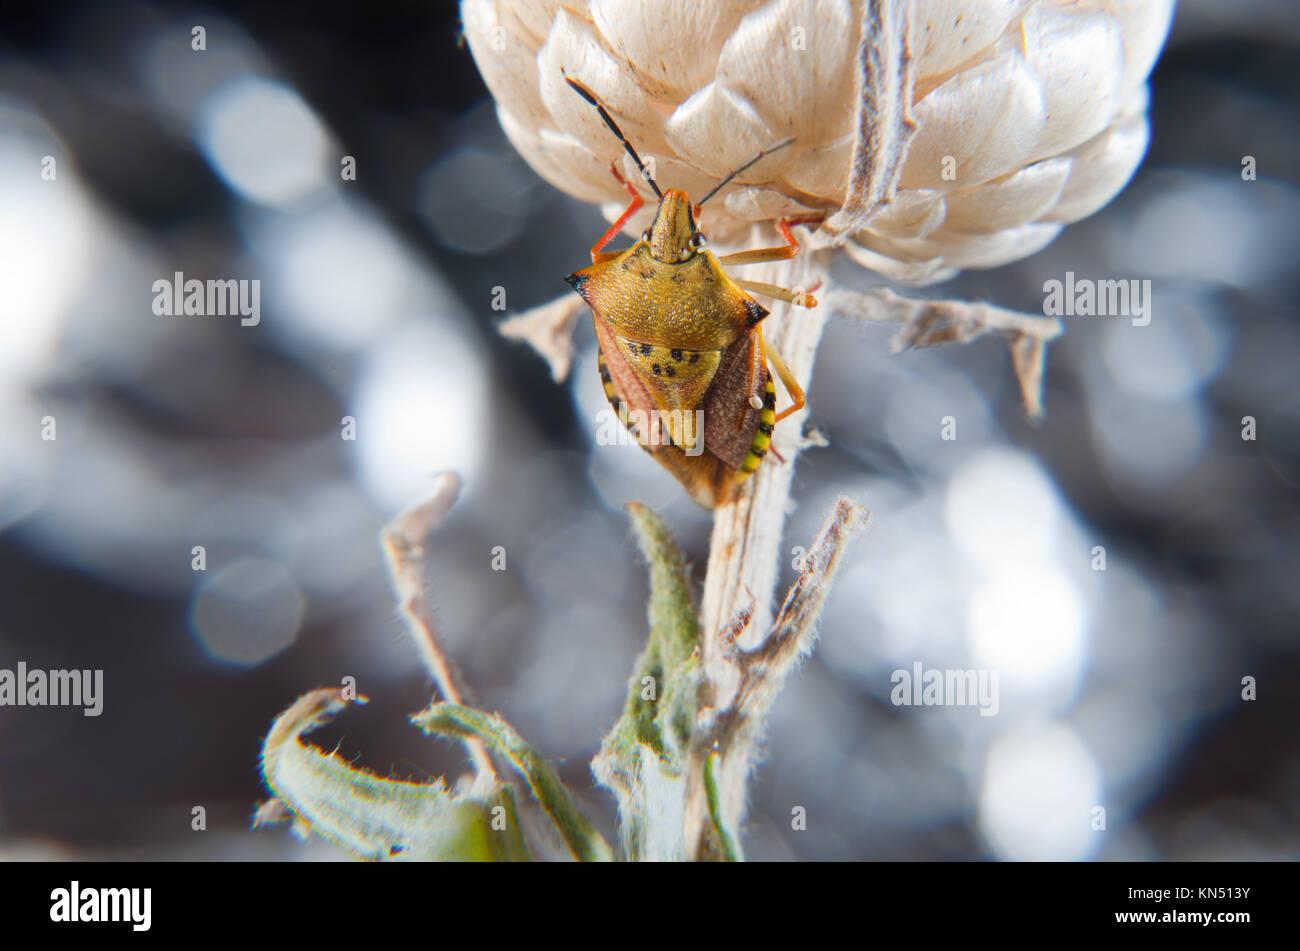 Carpocoris fuscispinus True bug Klettern eine trockene Blume. Interessanten kleines Insekt auch als Käfer stinken. Stockbild